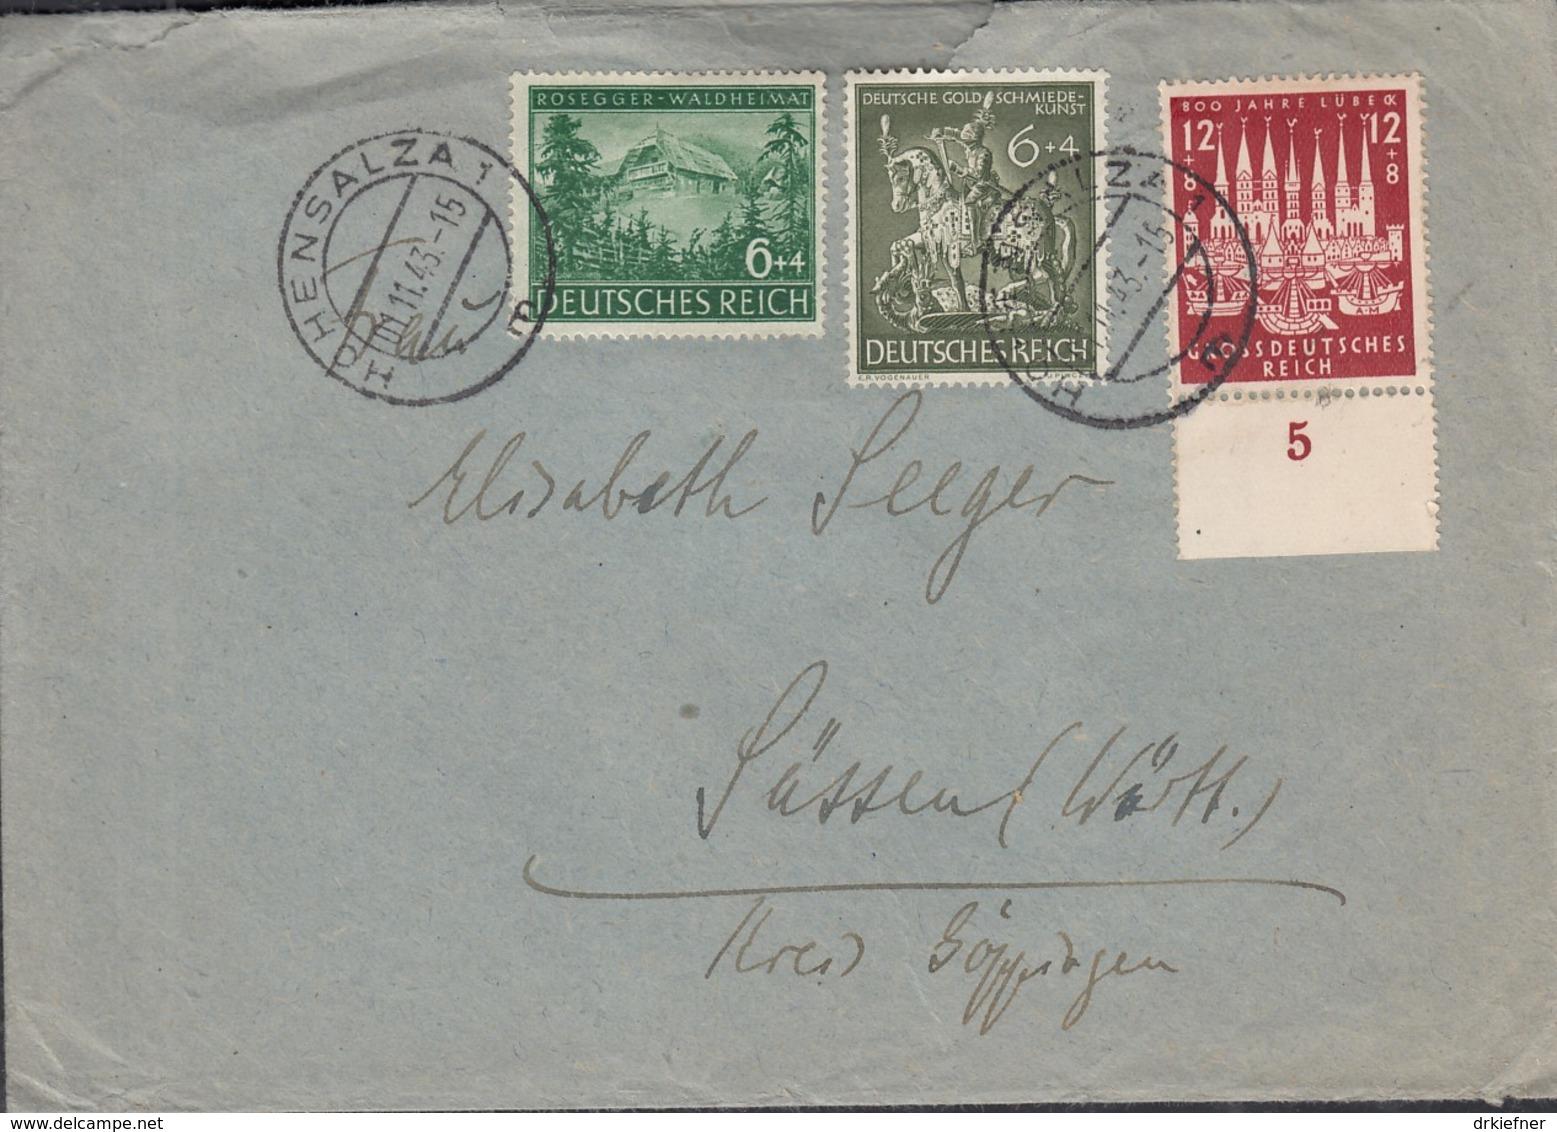 DR  855, 860, 862 MiF, Auf Brief Mit Stempel: Hohensalza 1.11.1943 - Duitsland